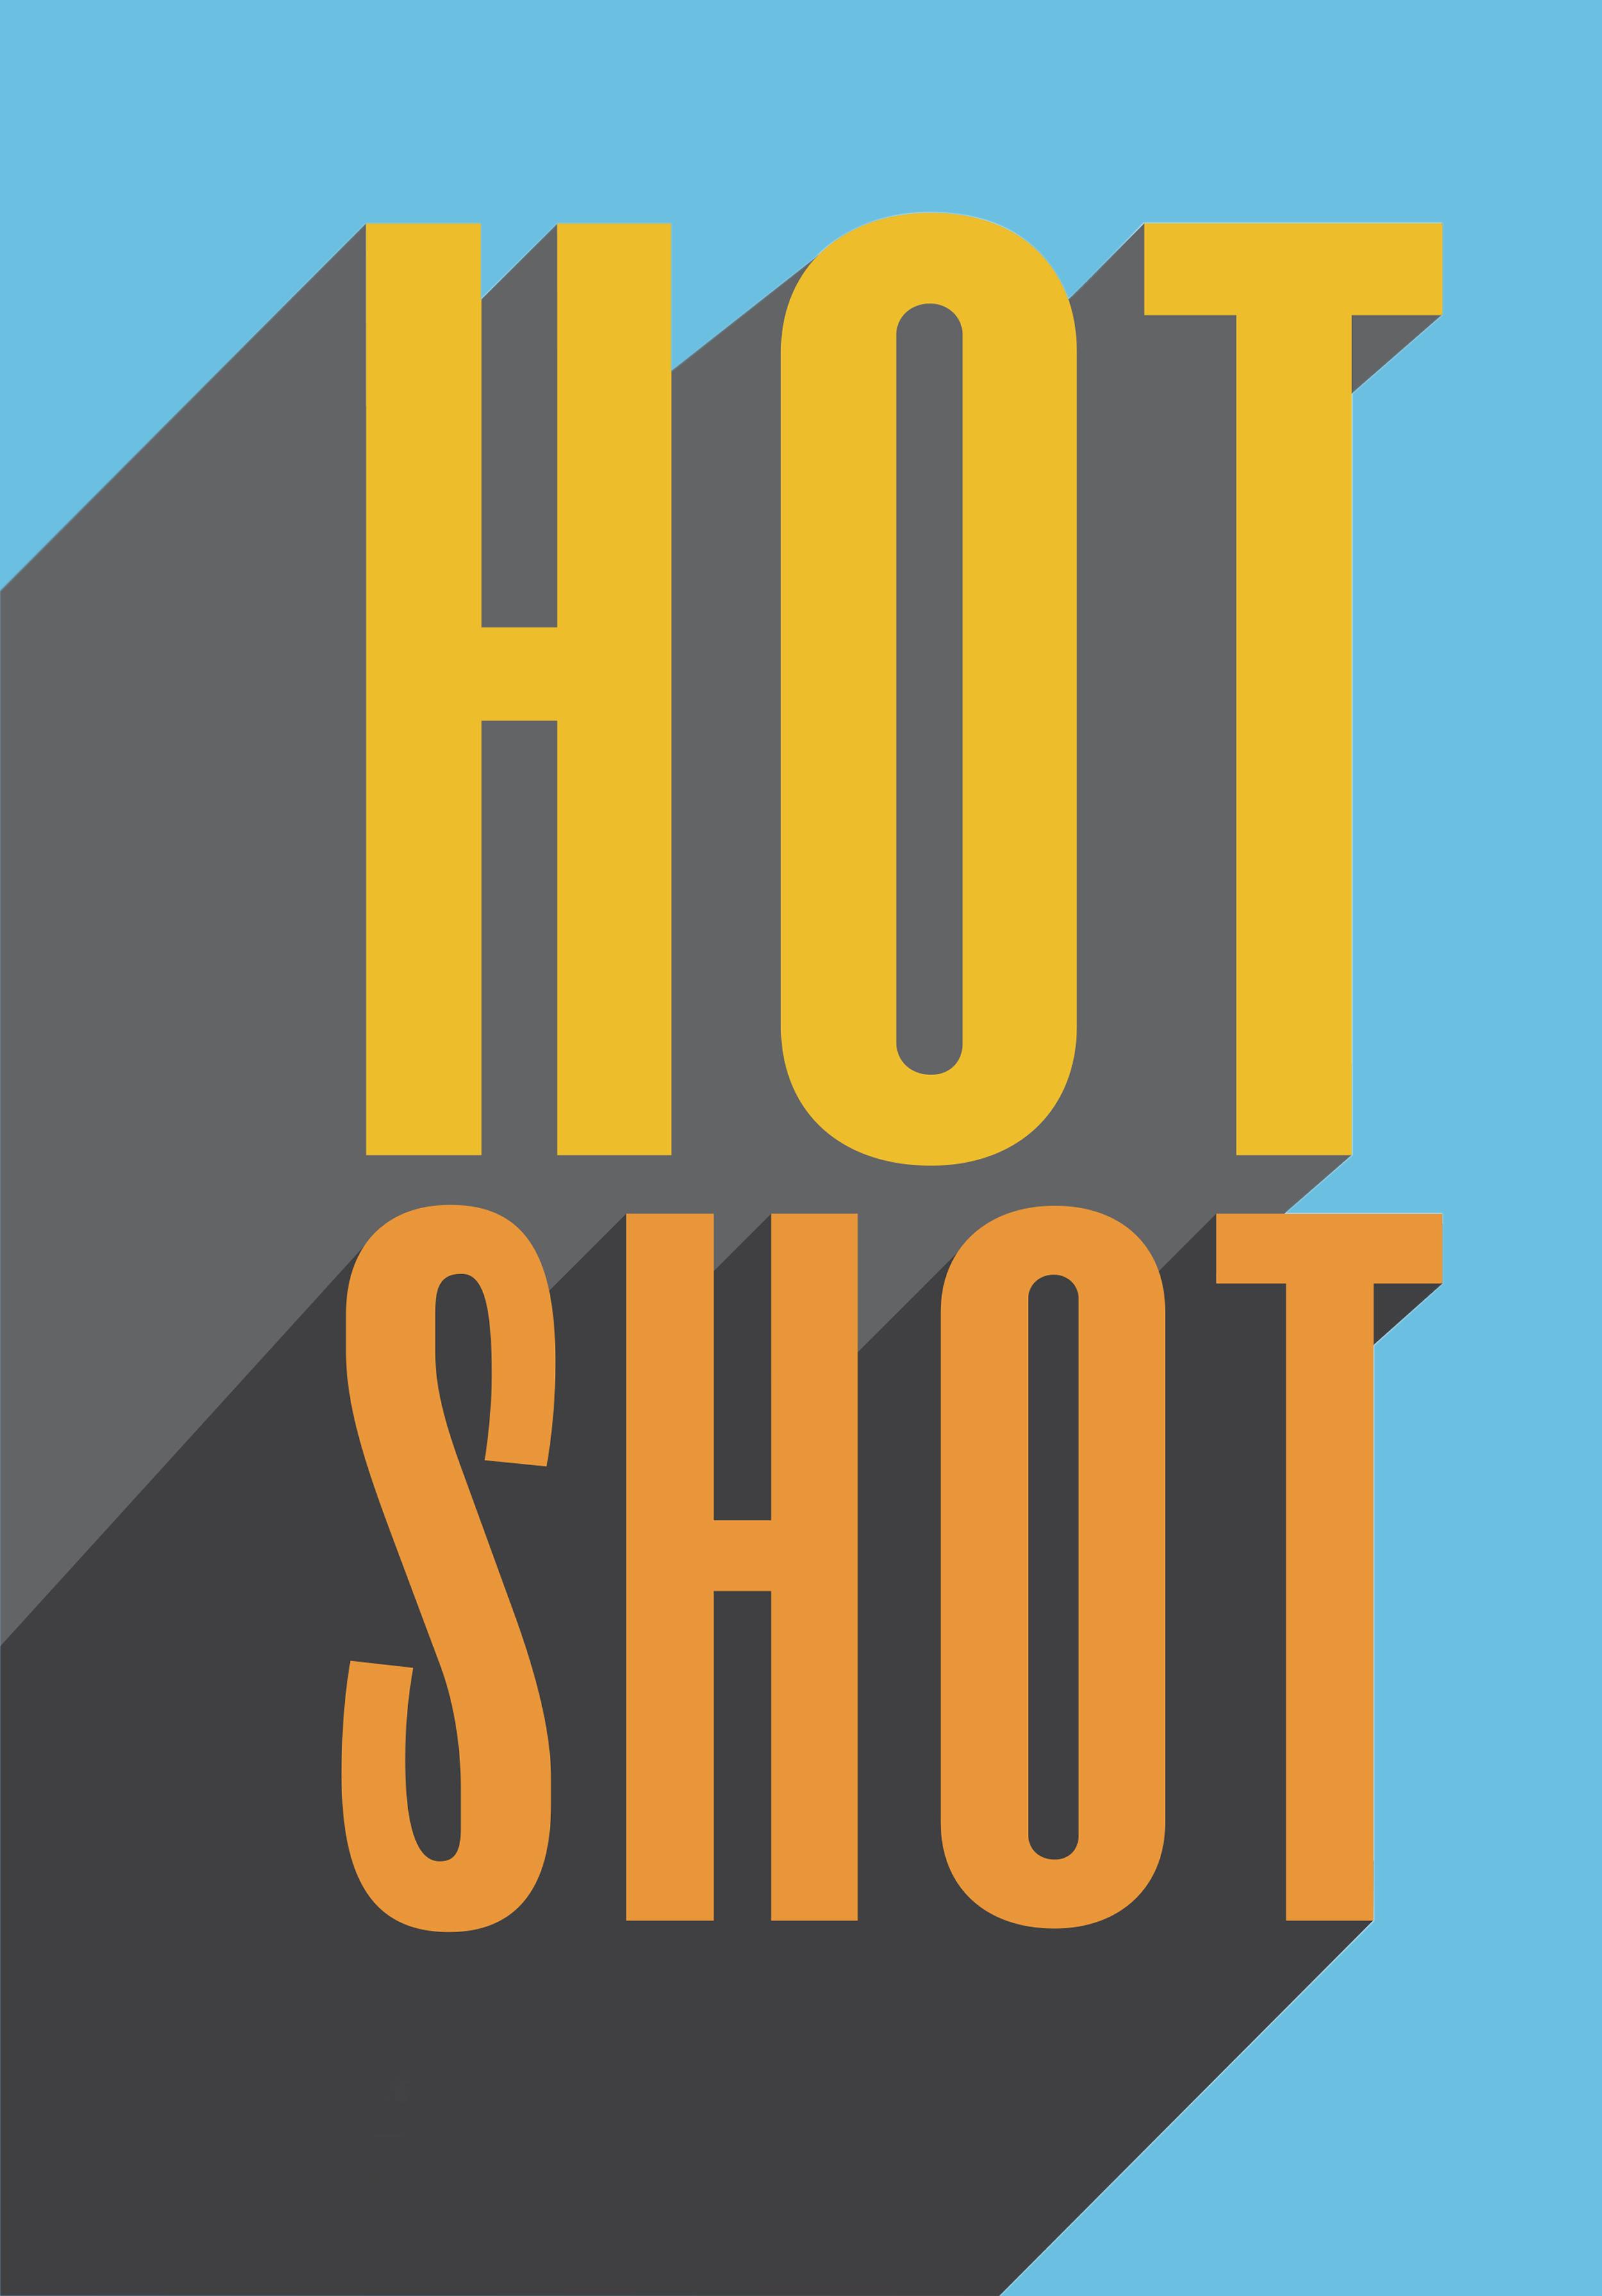 hot_shots-1_blu.jpg